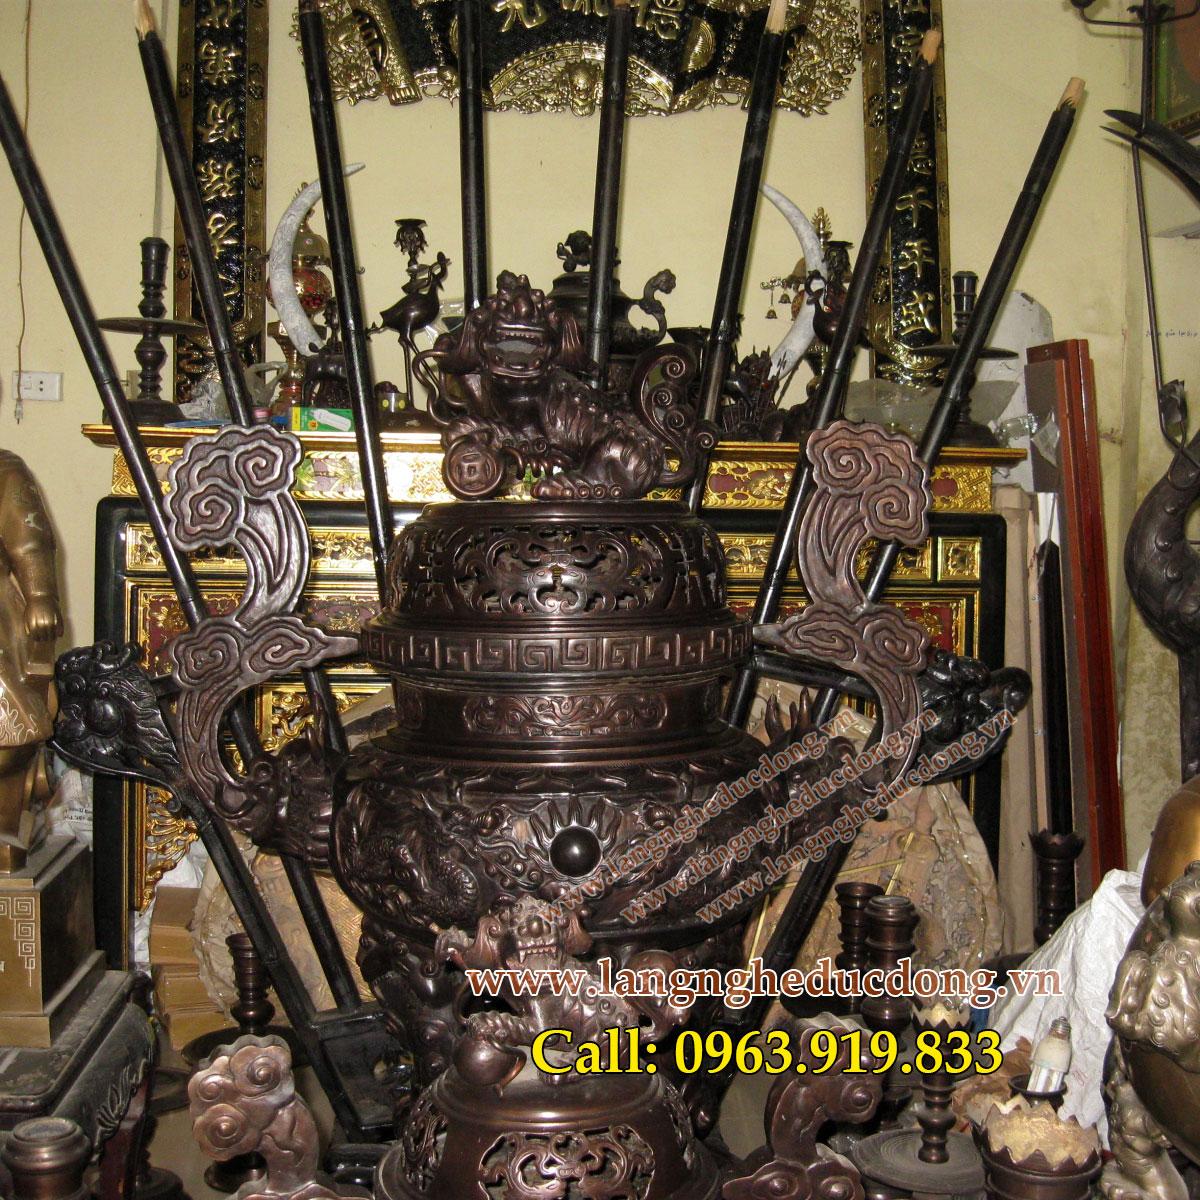 langngheducdong.vn - đỉnh song long chầu nguyệt, đỉnh thờ đỉnh hương, đỉnh đồng vàng 140cm